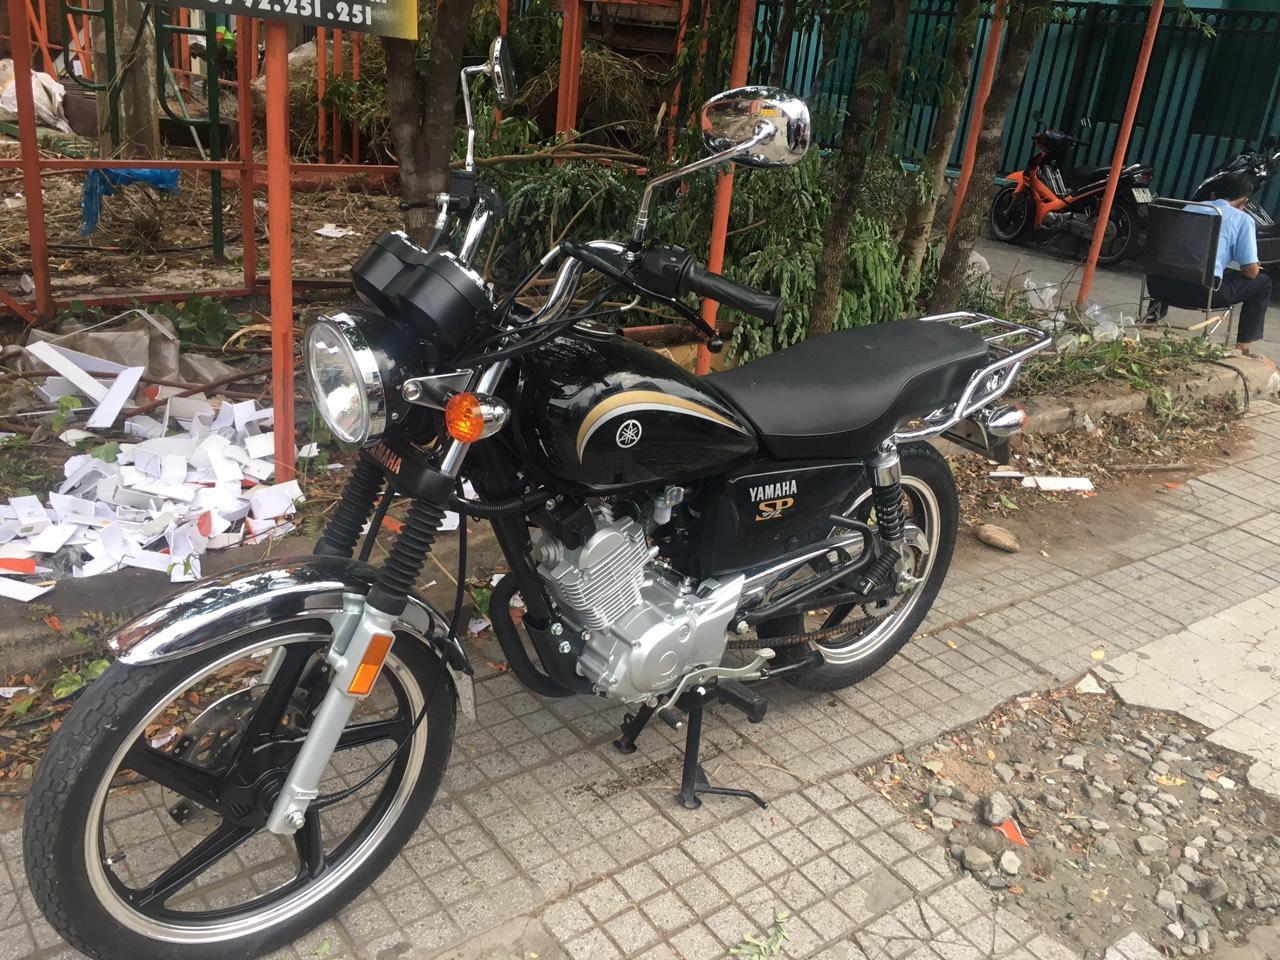 Bán Yamaha Yb 125cc 2019 bs tỉnh 49 bao rút hồ sơ  gốc bán 39tr8